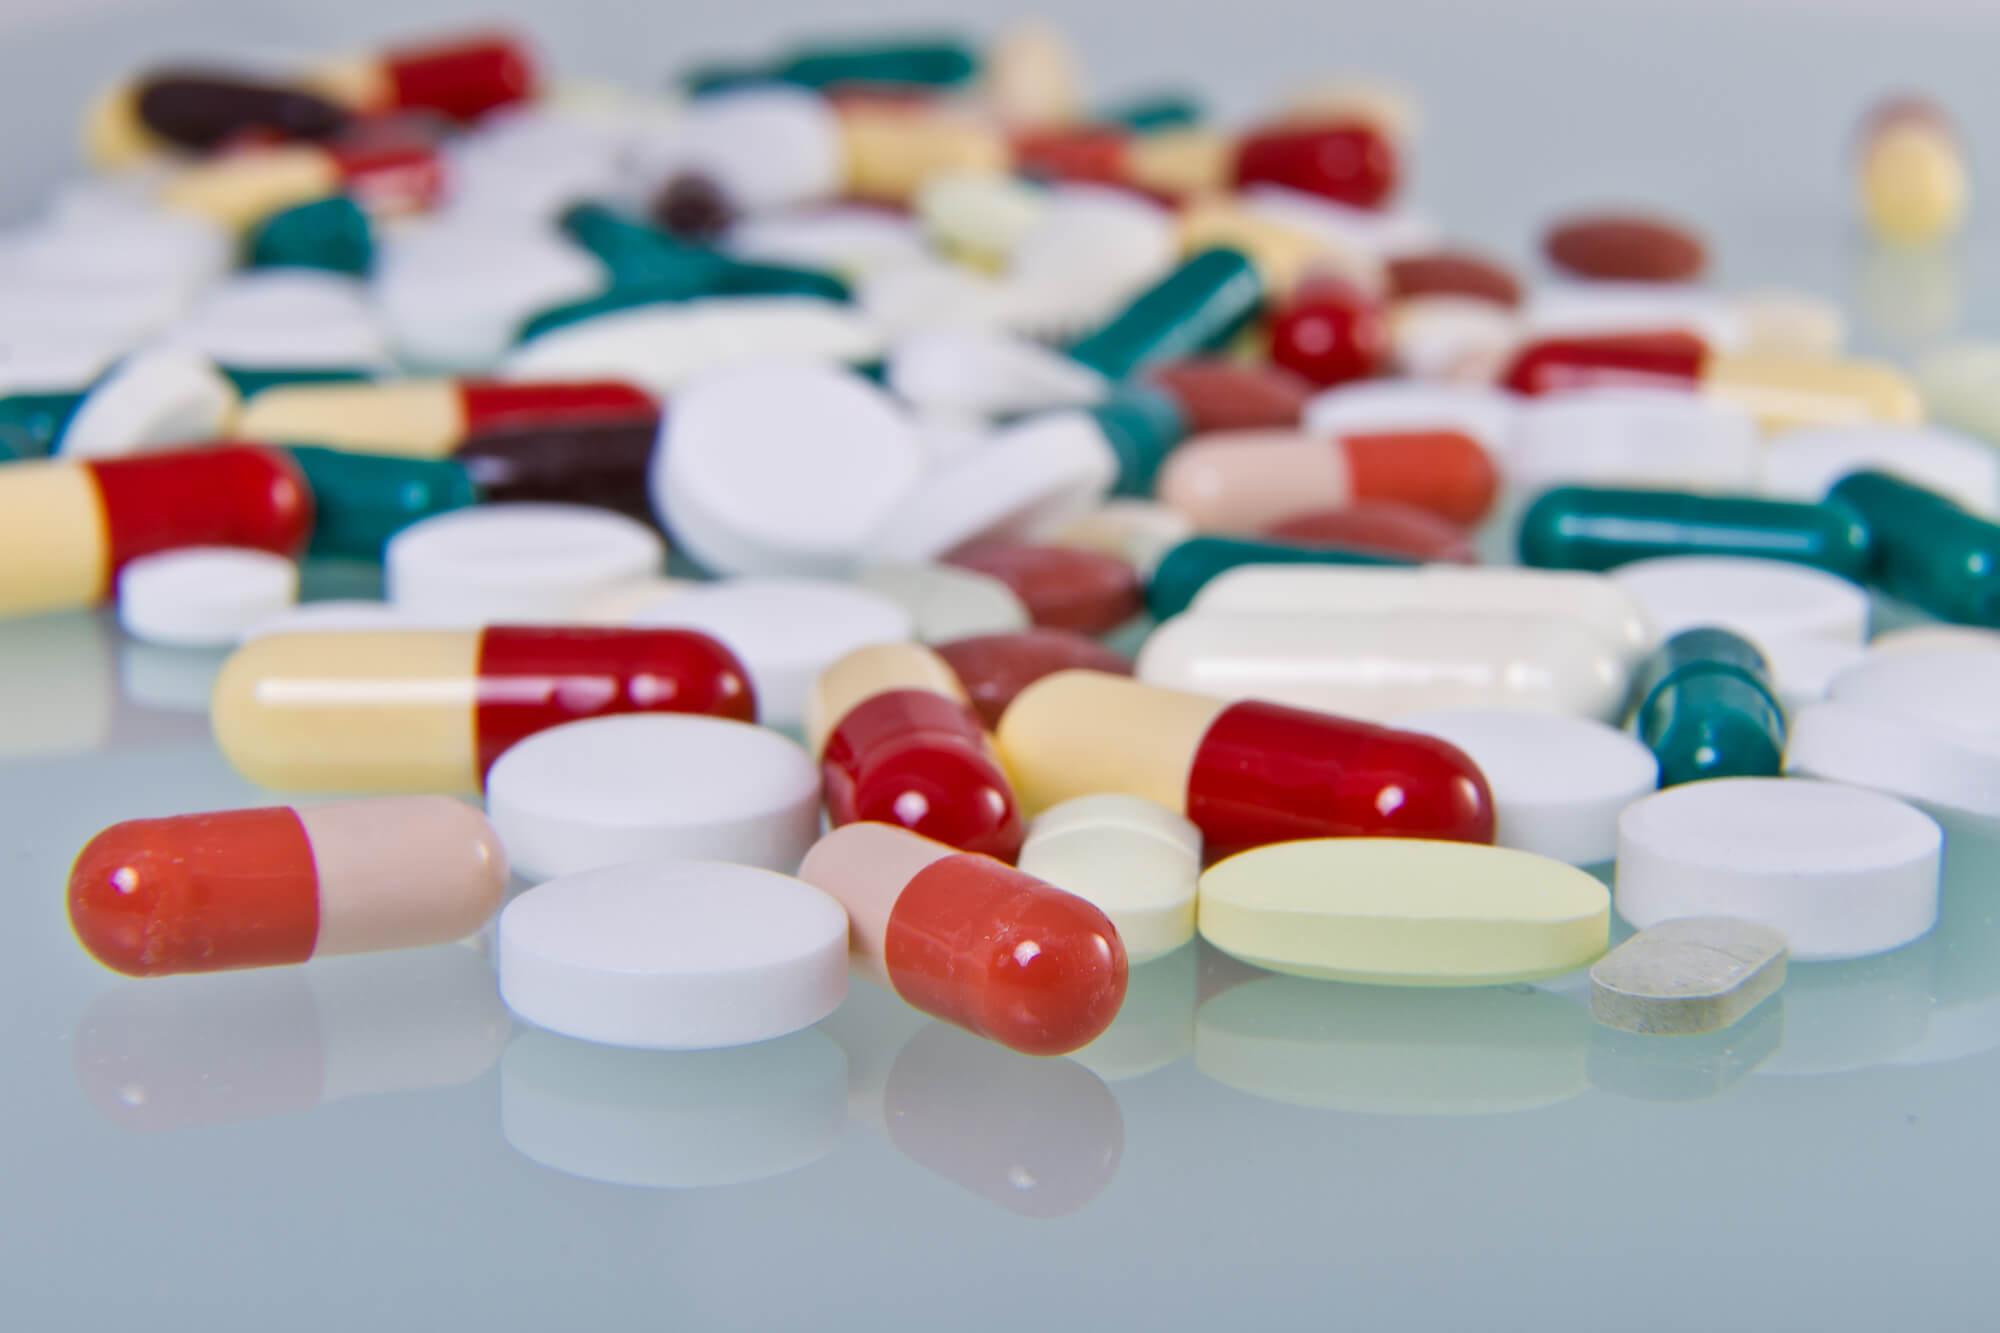 Reforma cria trava para liberação de remédio no SUS